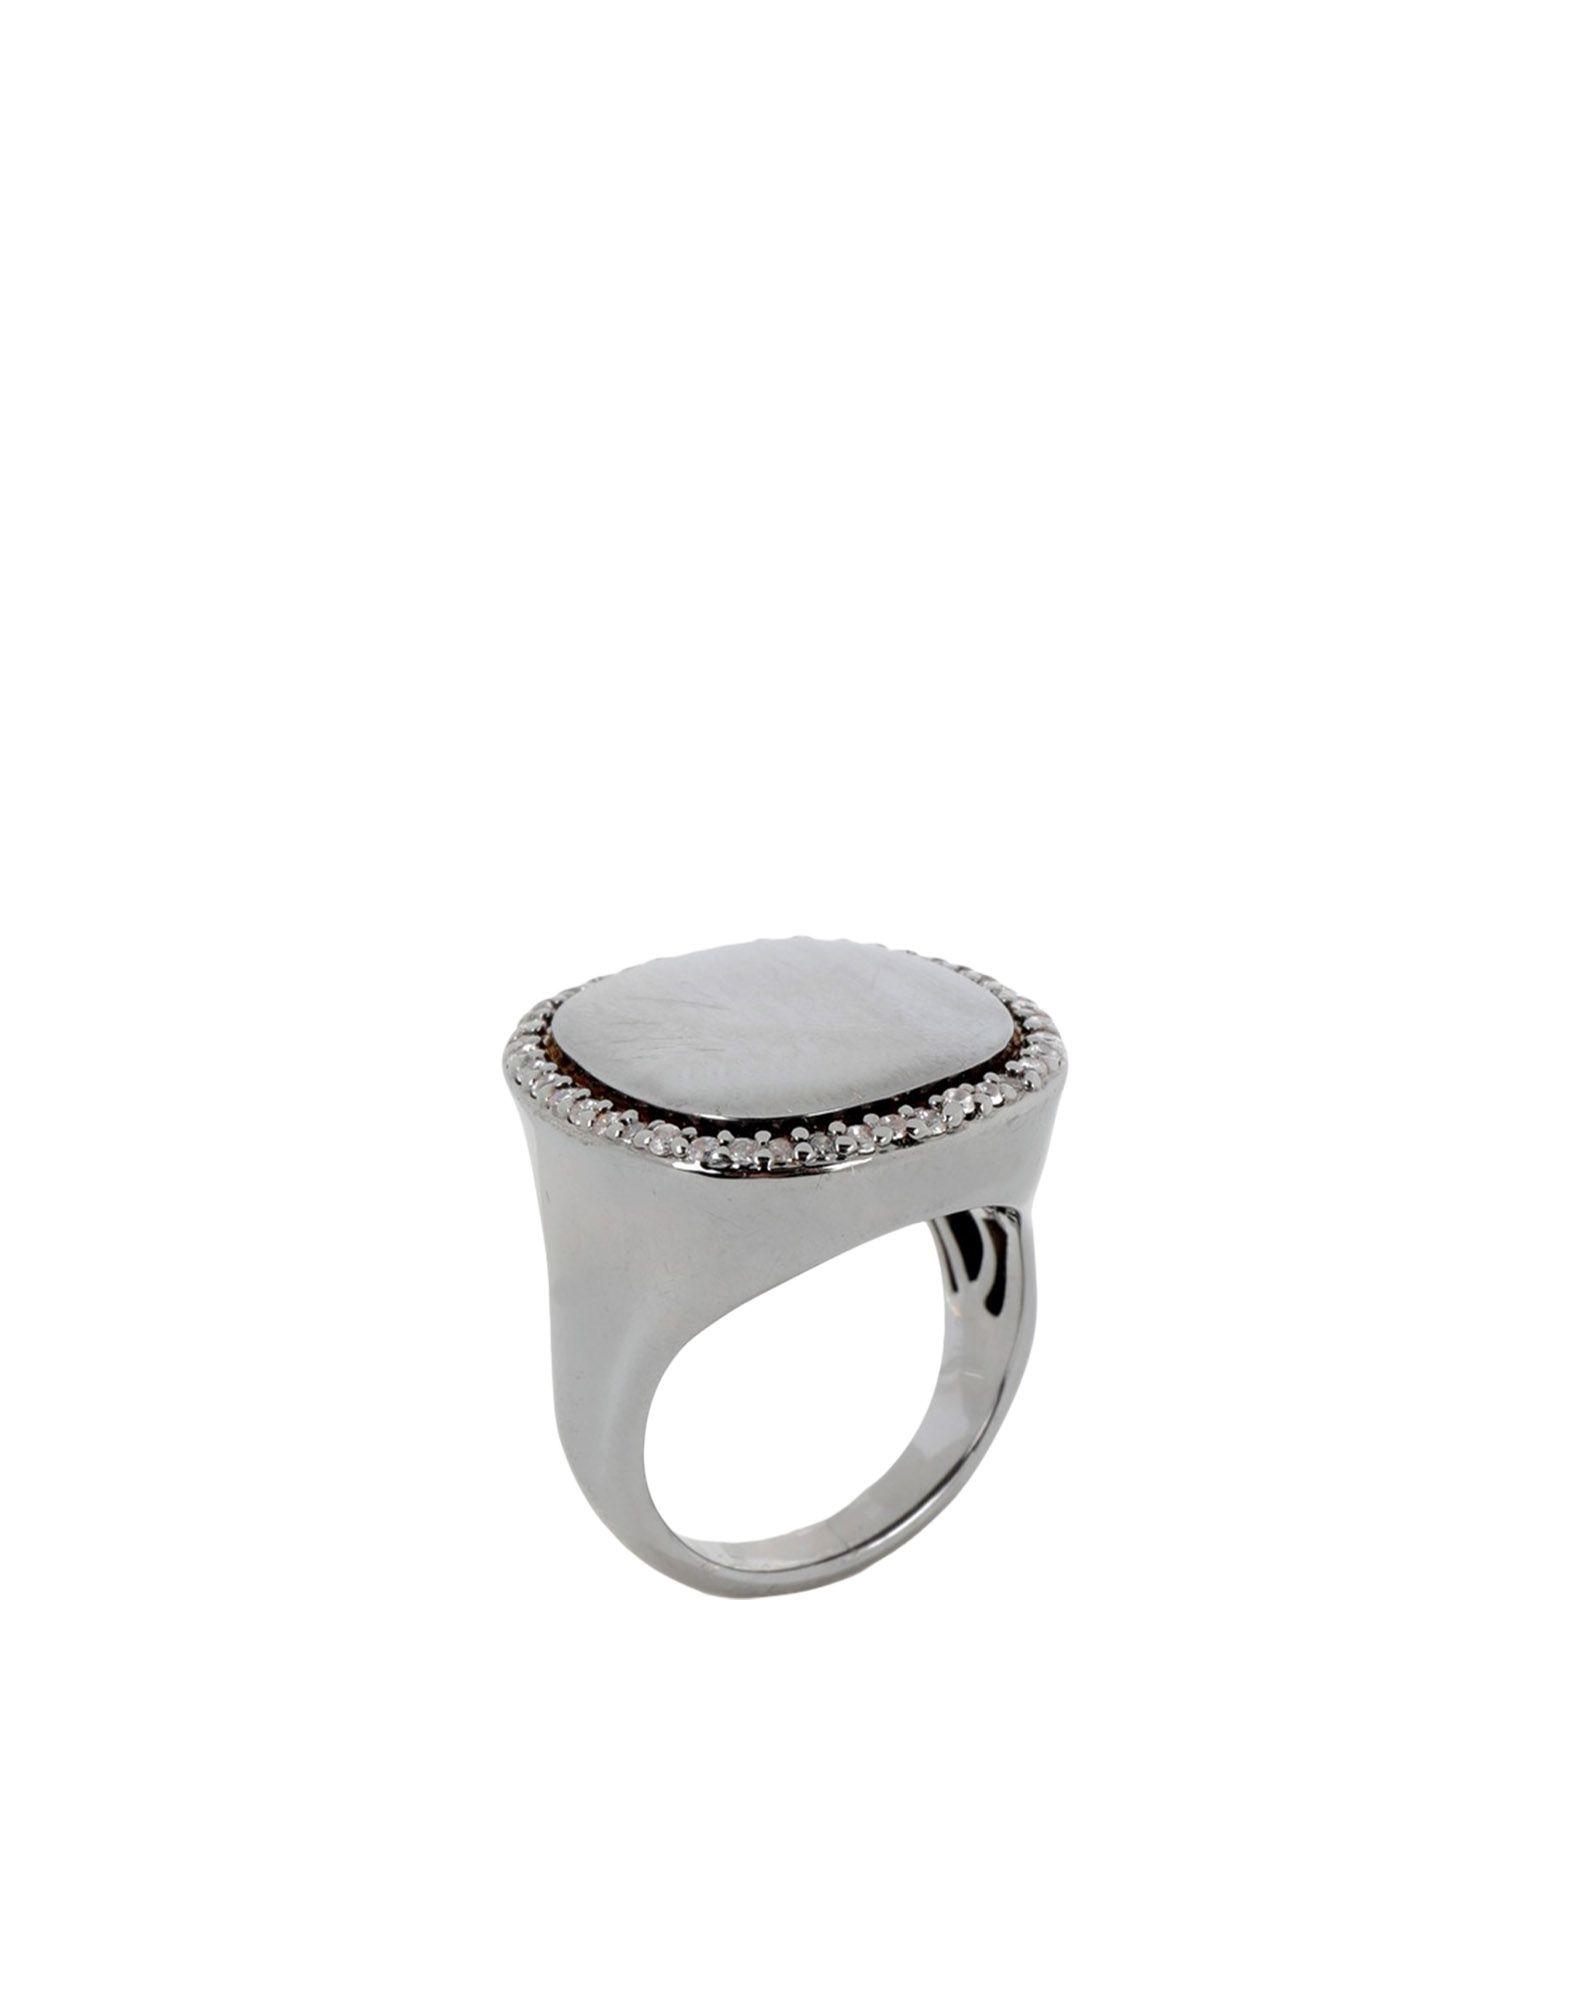 《送料無料》FEDERICA TOSI レディース 指輪 鉛色 11 金属